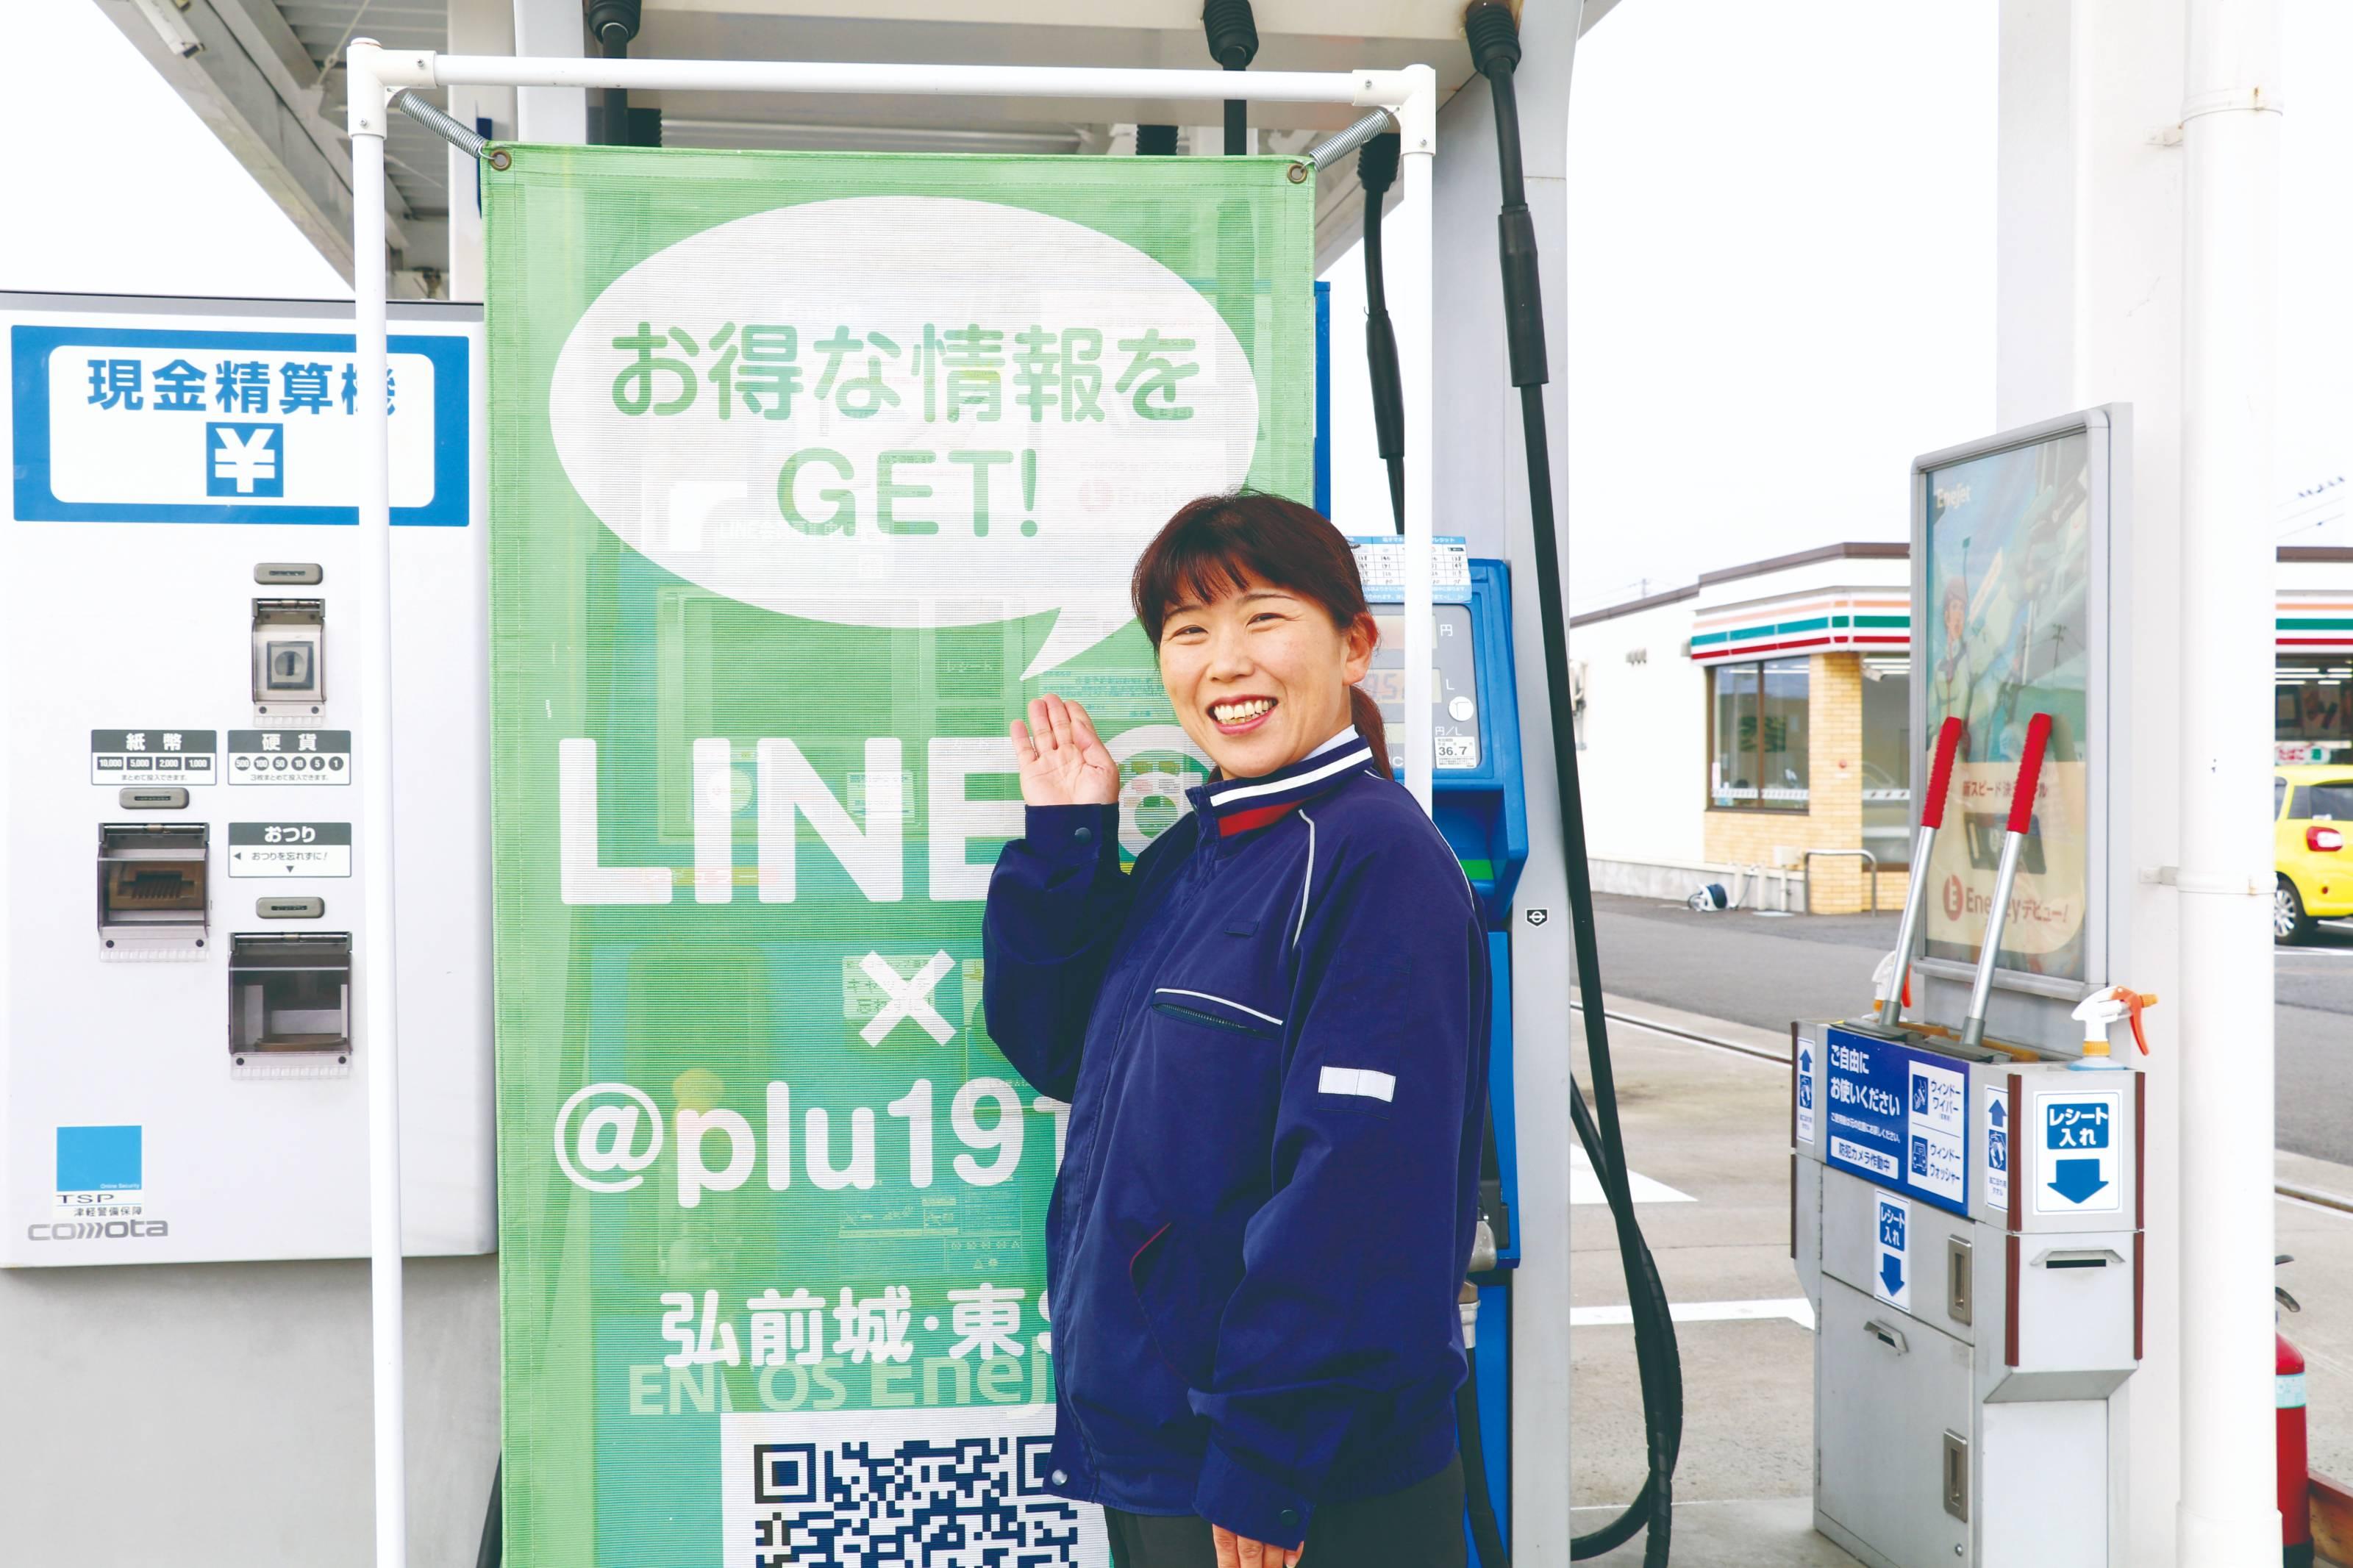 株式会社 丹藤 EneJet弘前城・東SS